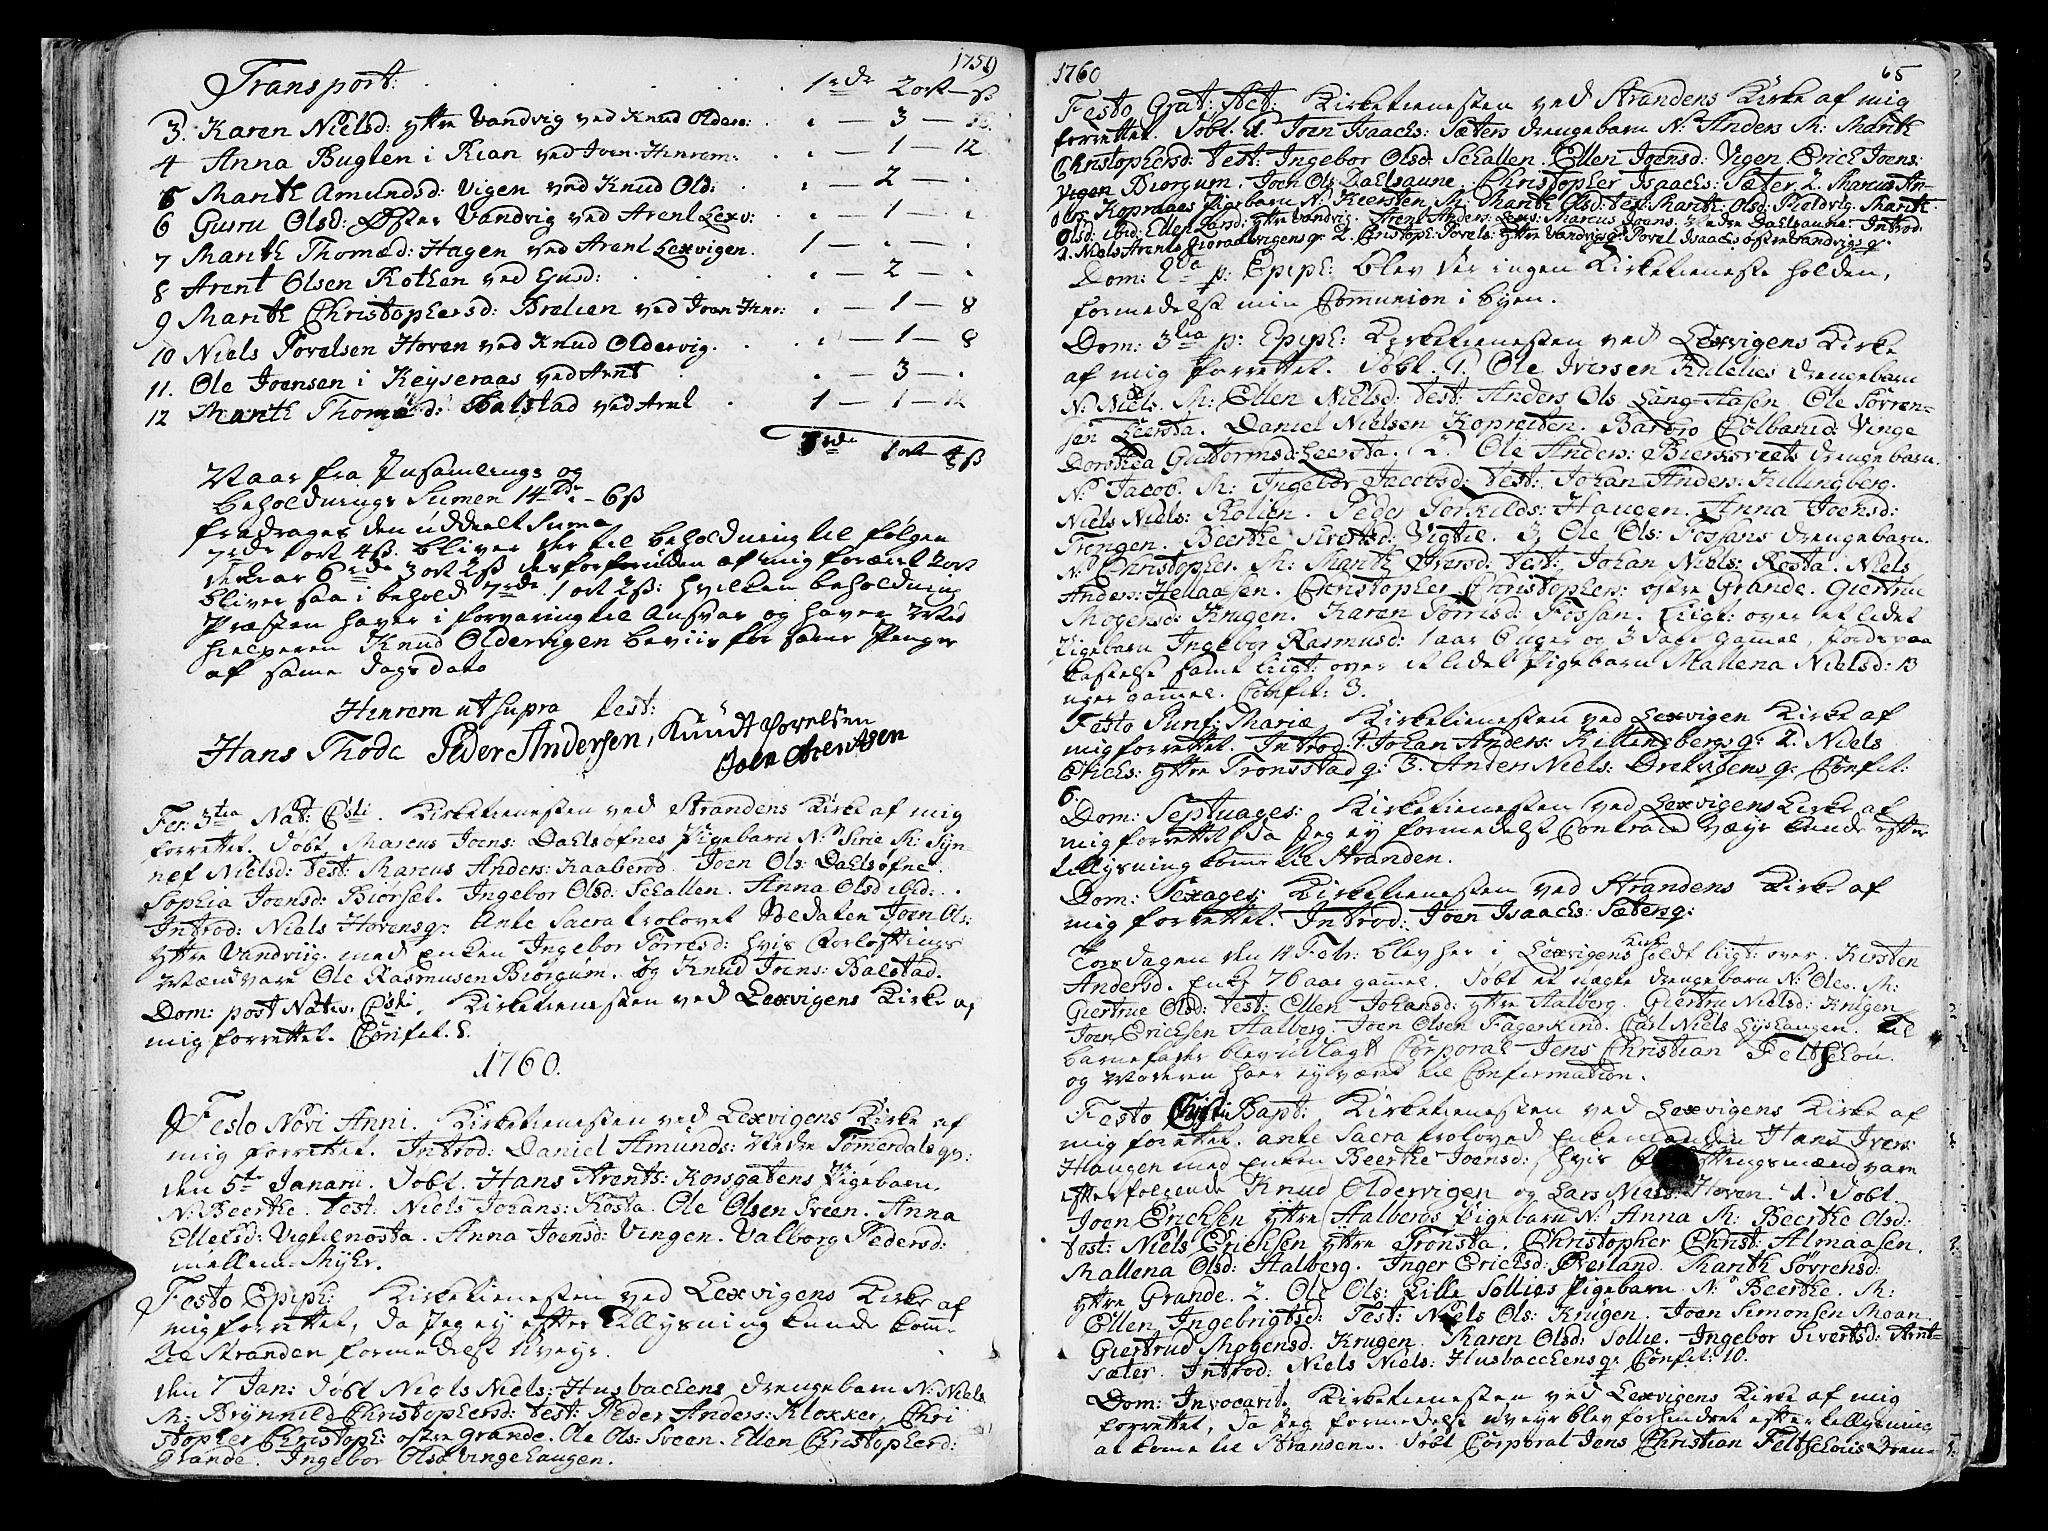 SAT, Ministerialprotokoller, klokkerbøker og fødselsregistre - Nord-Trøndelag, 701/L0003: Ministerialbok nr. 701A03, 1751-1783, s. 65